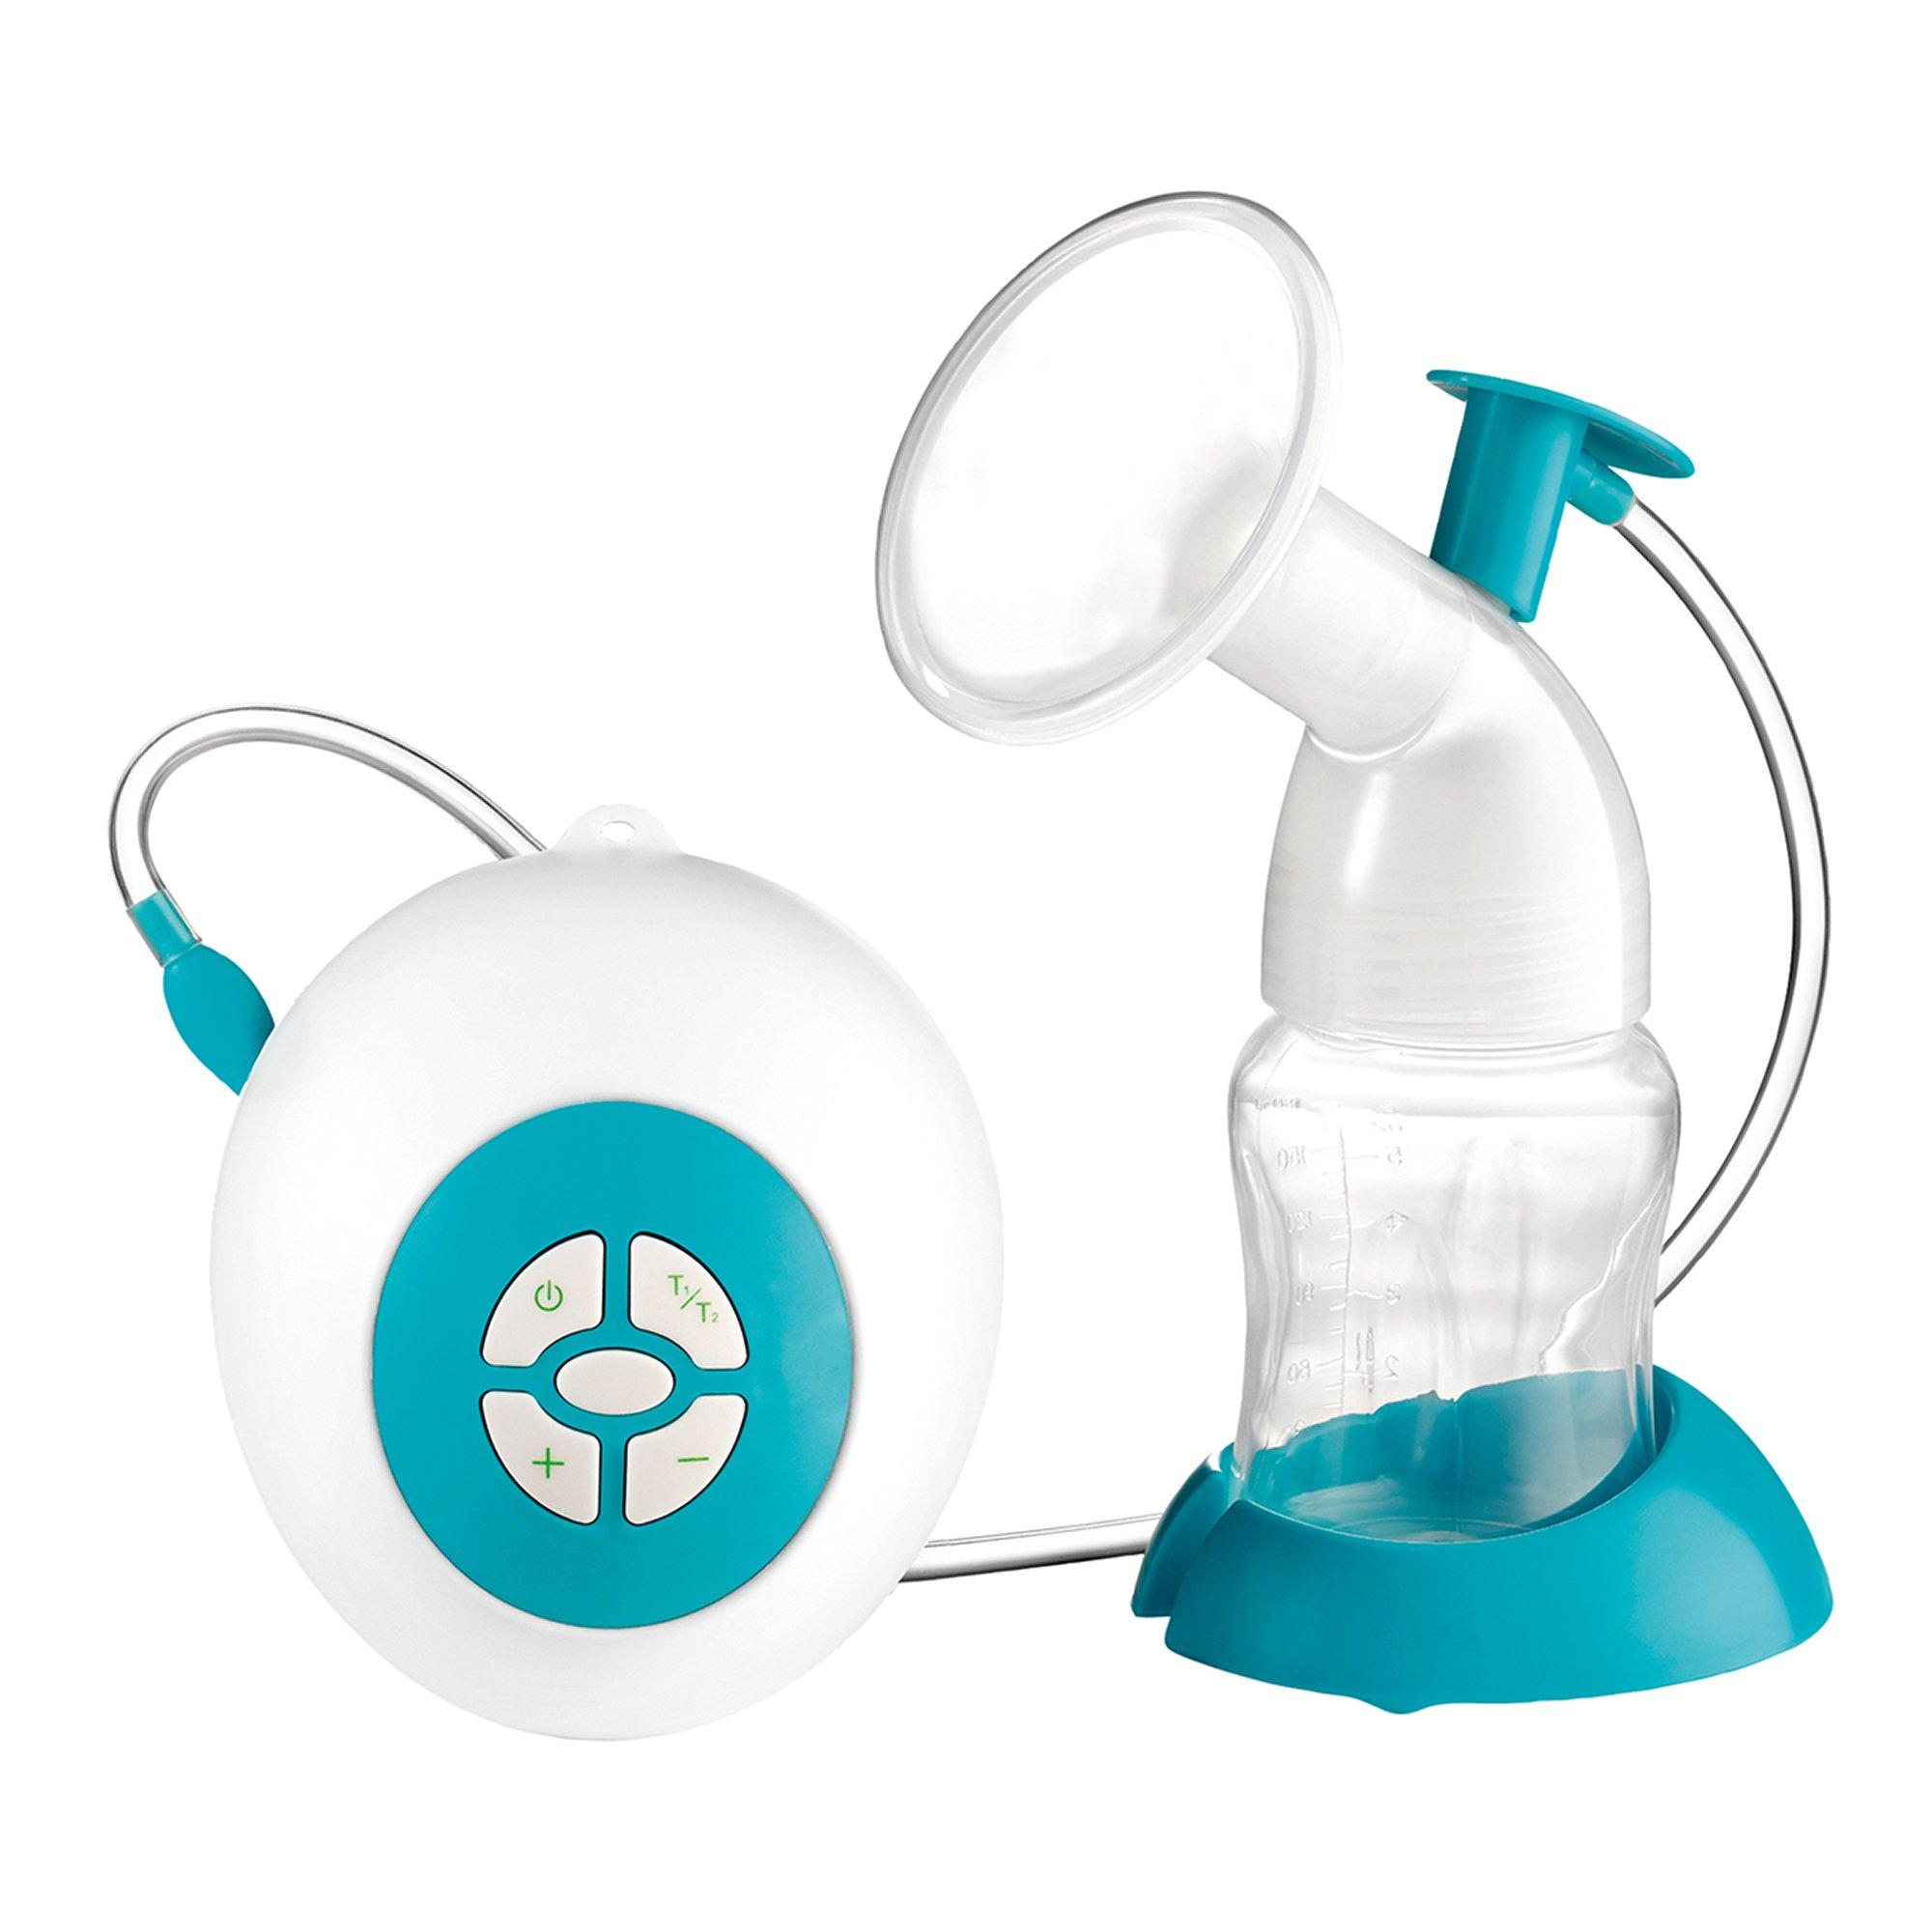 Pompa Electrica Pentru San Saro - Soft